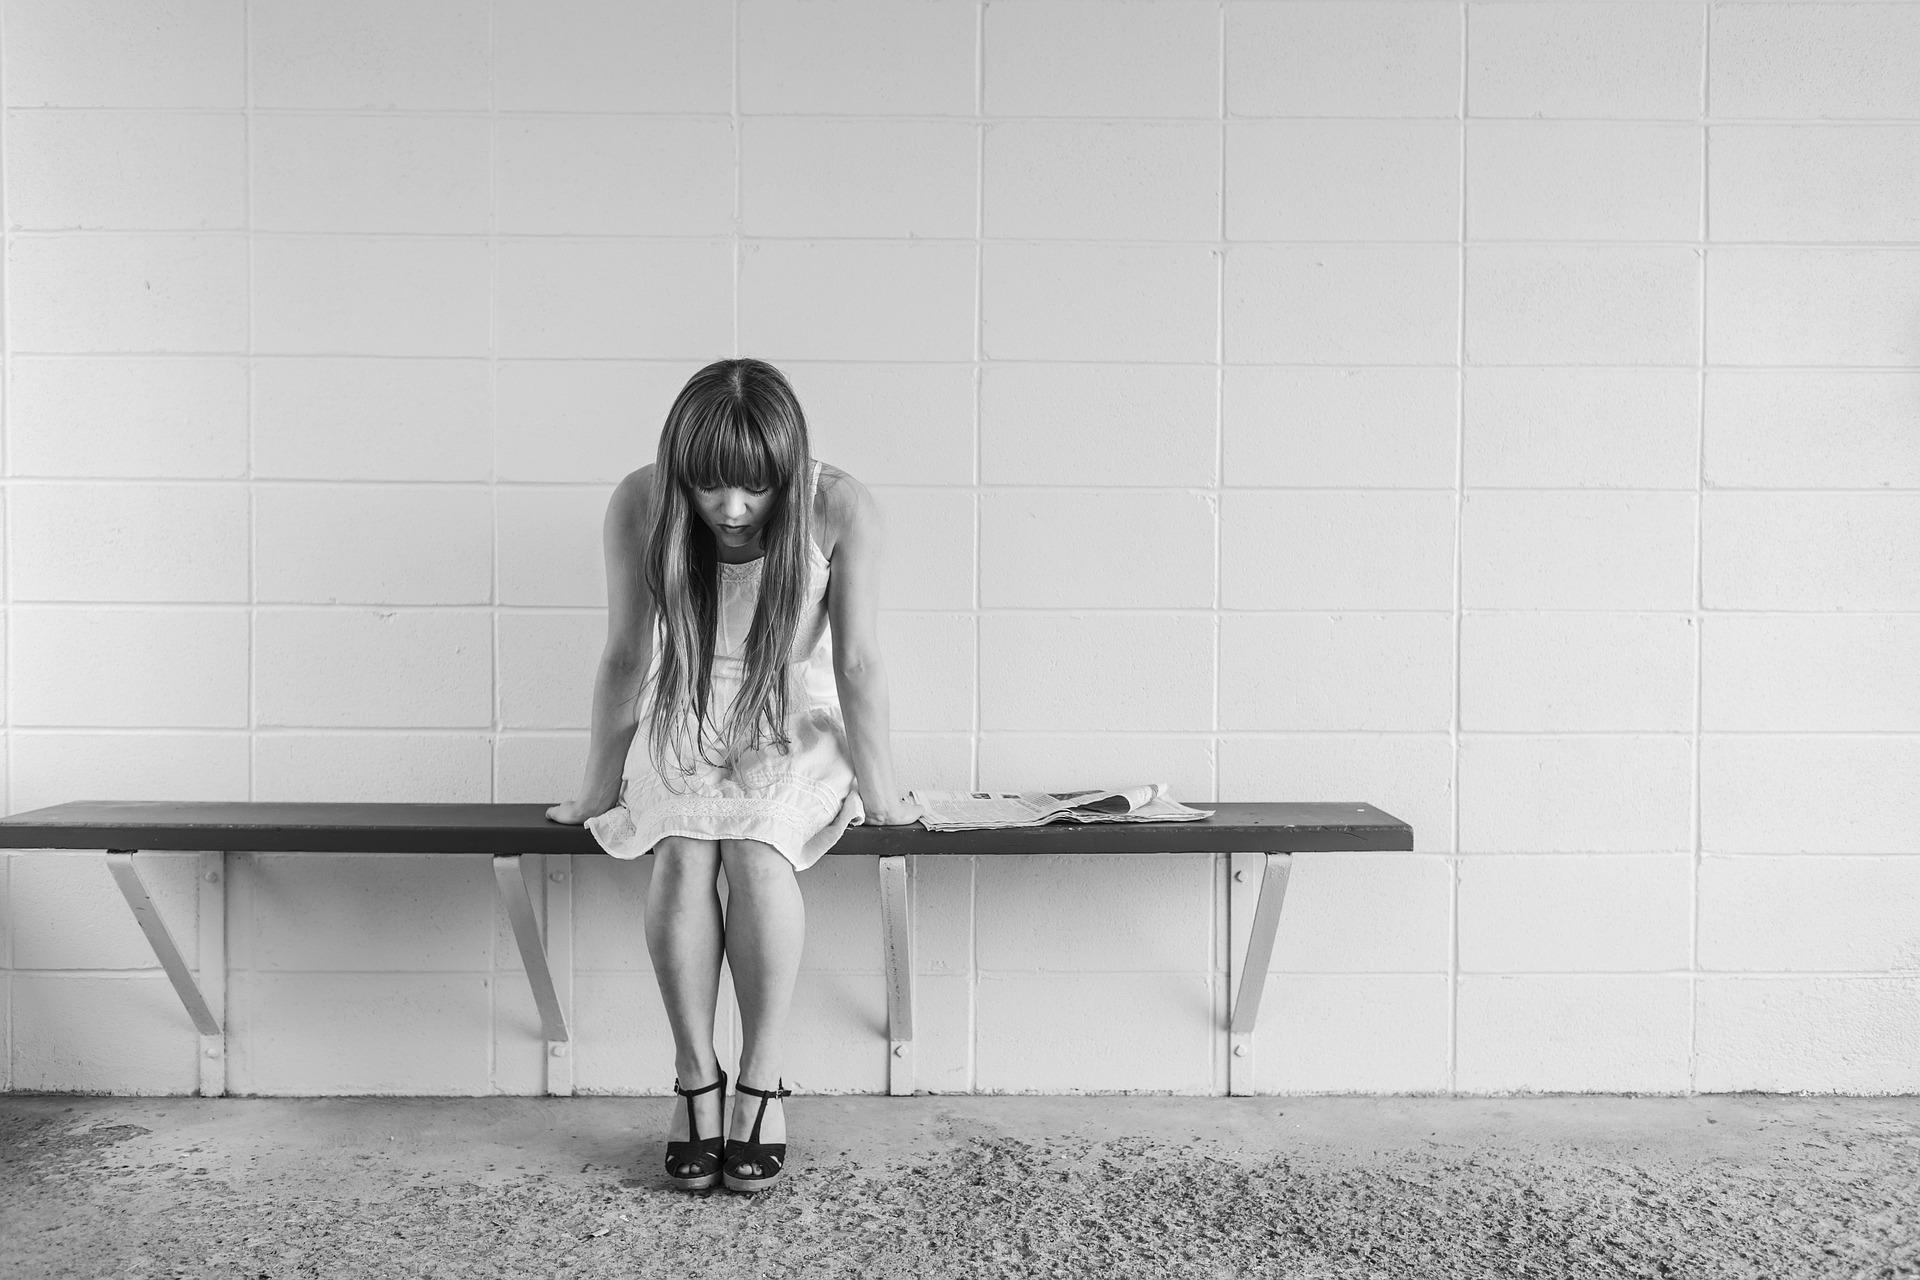 イライラしがちな生理痛を和らげるためのオススメ食生活